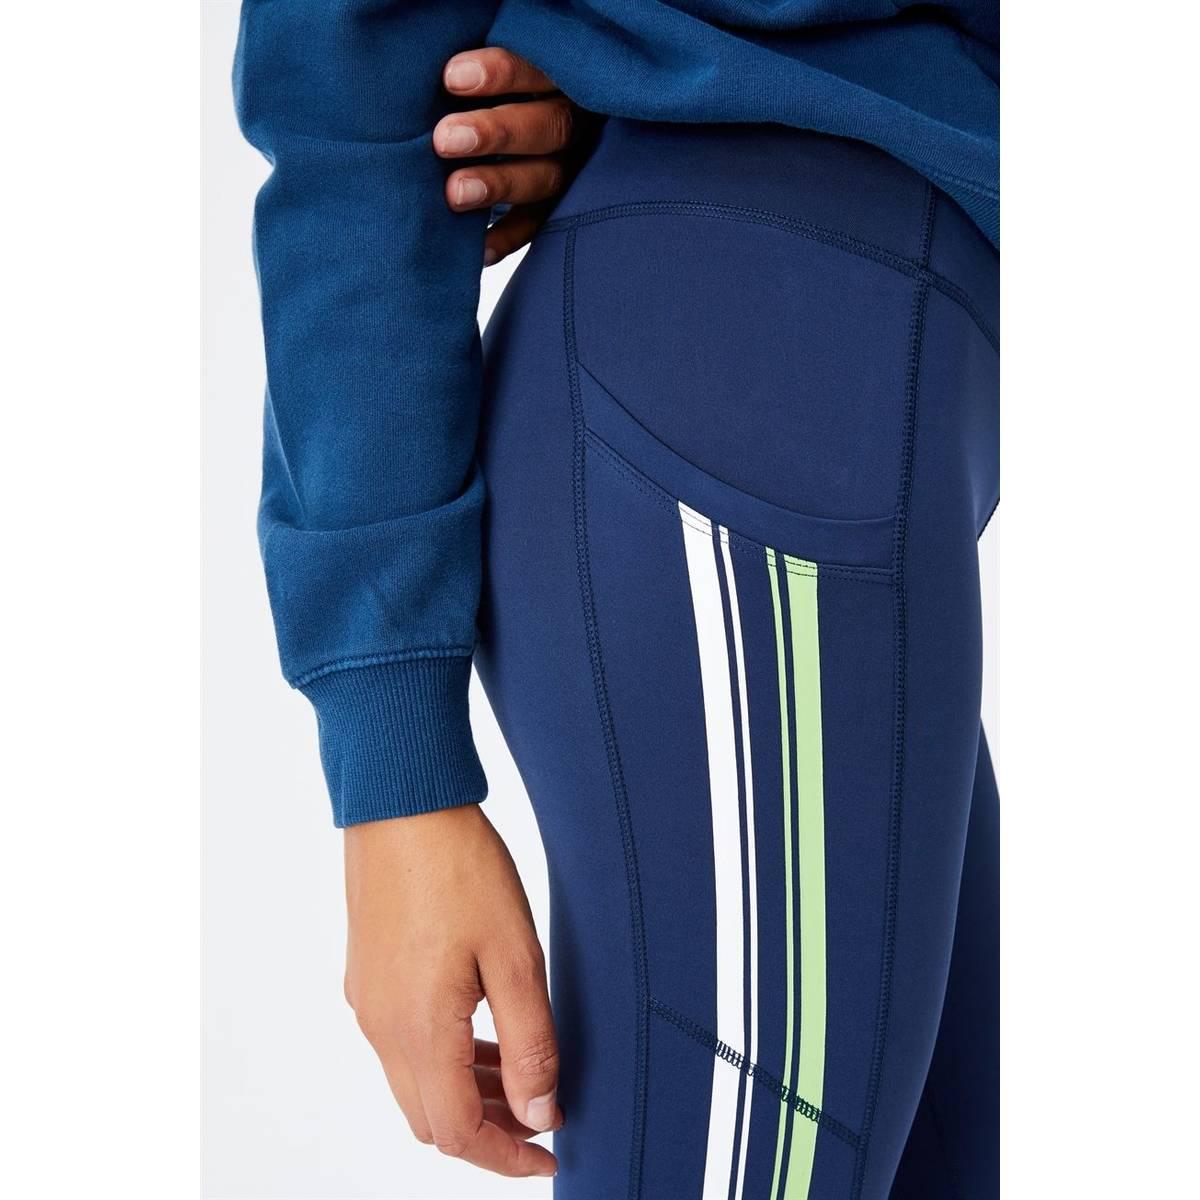 NRL Womens Pocket Tights0